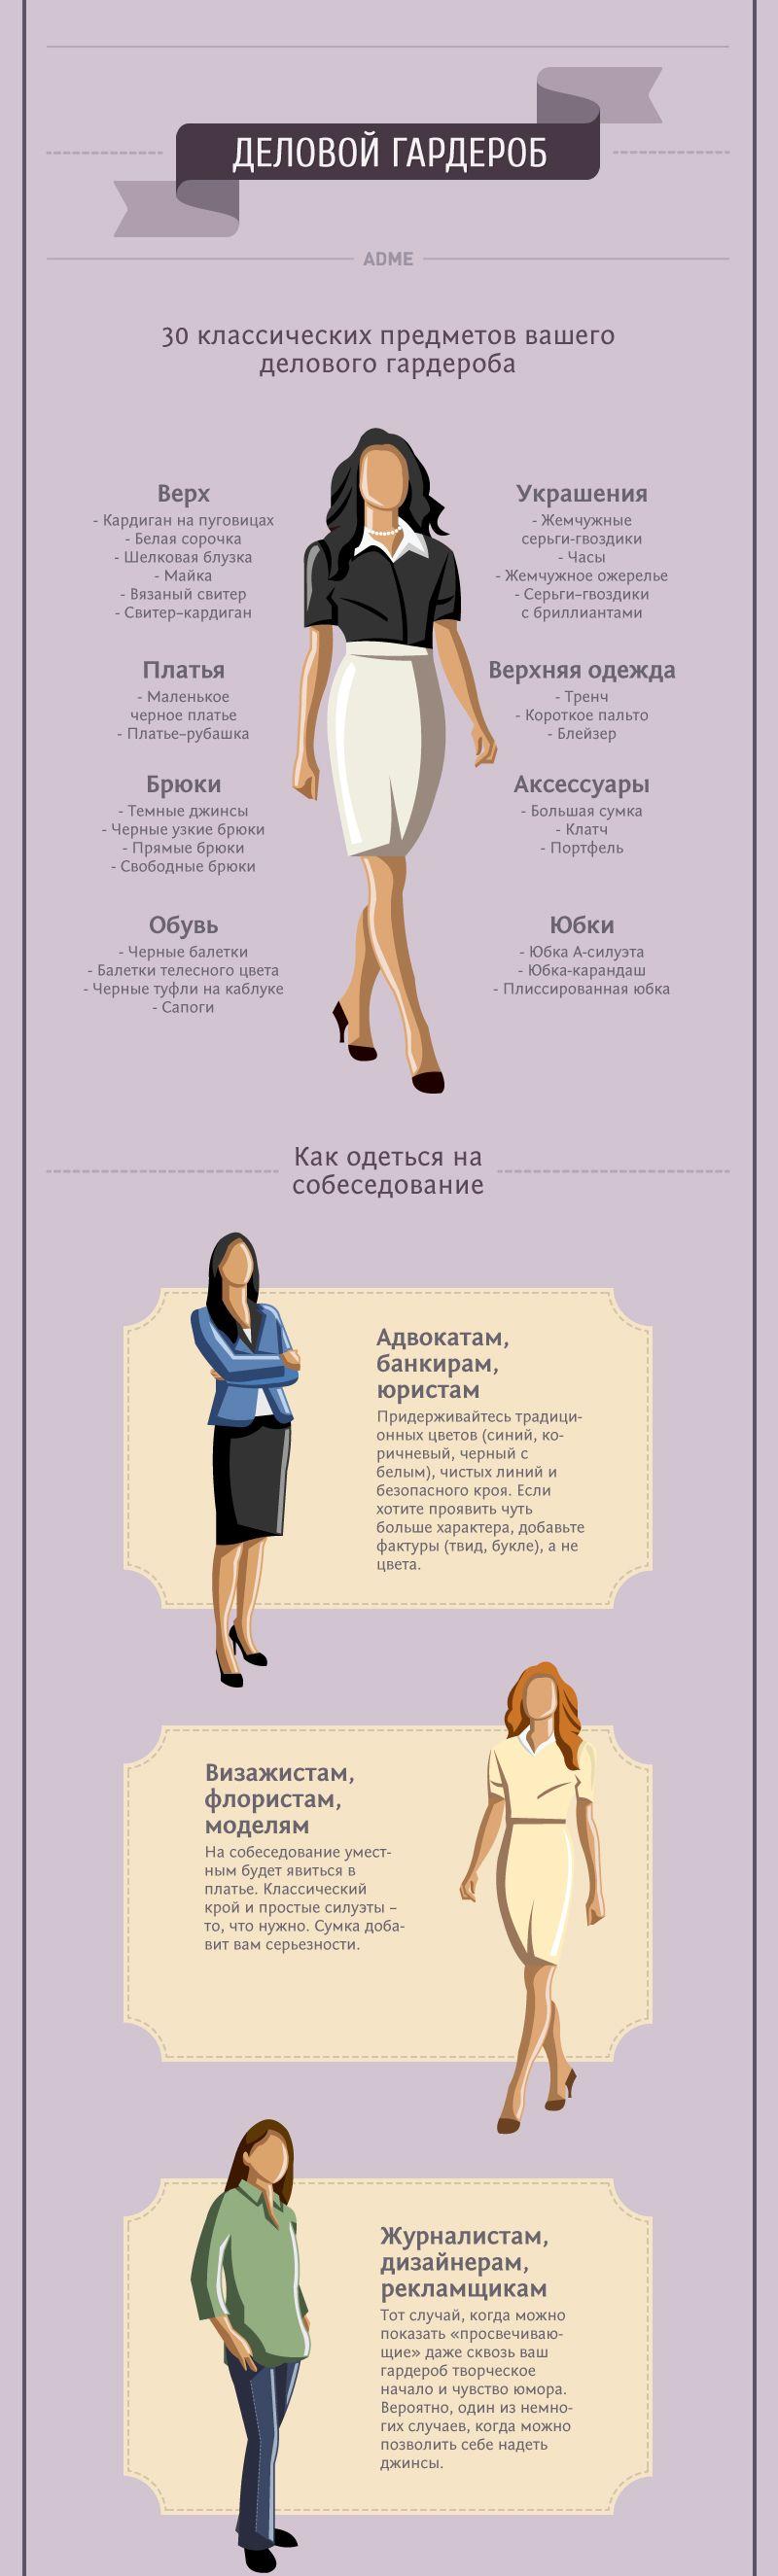 шитье | Записи в рубрике шитье | Дневник зита35 : LiveInternet - Российский Сервис Онлайн-Дневников